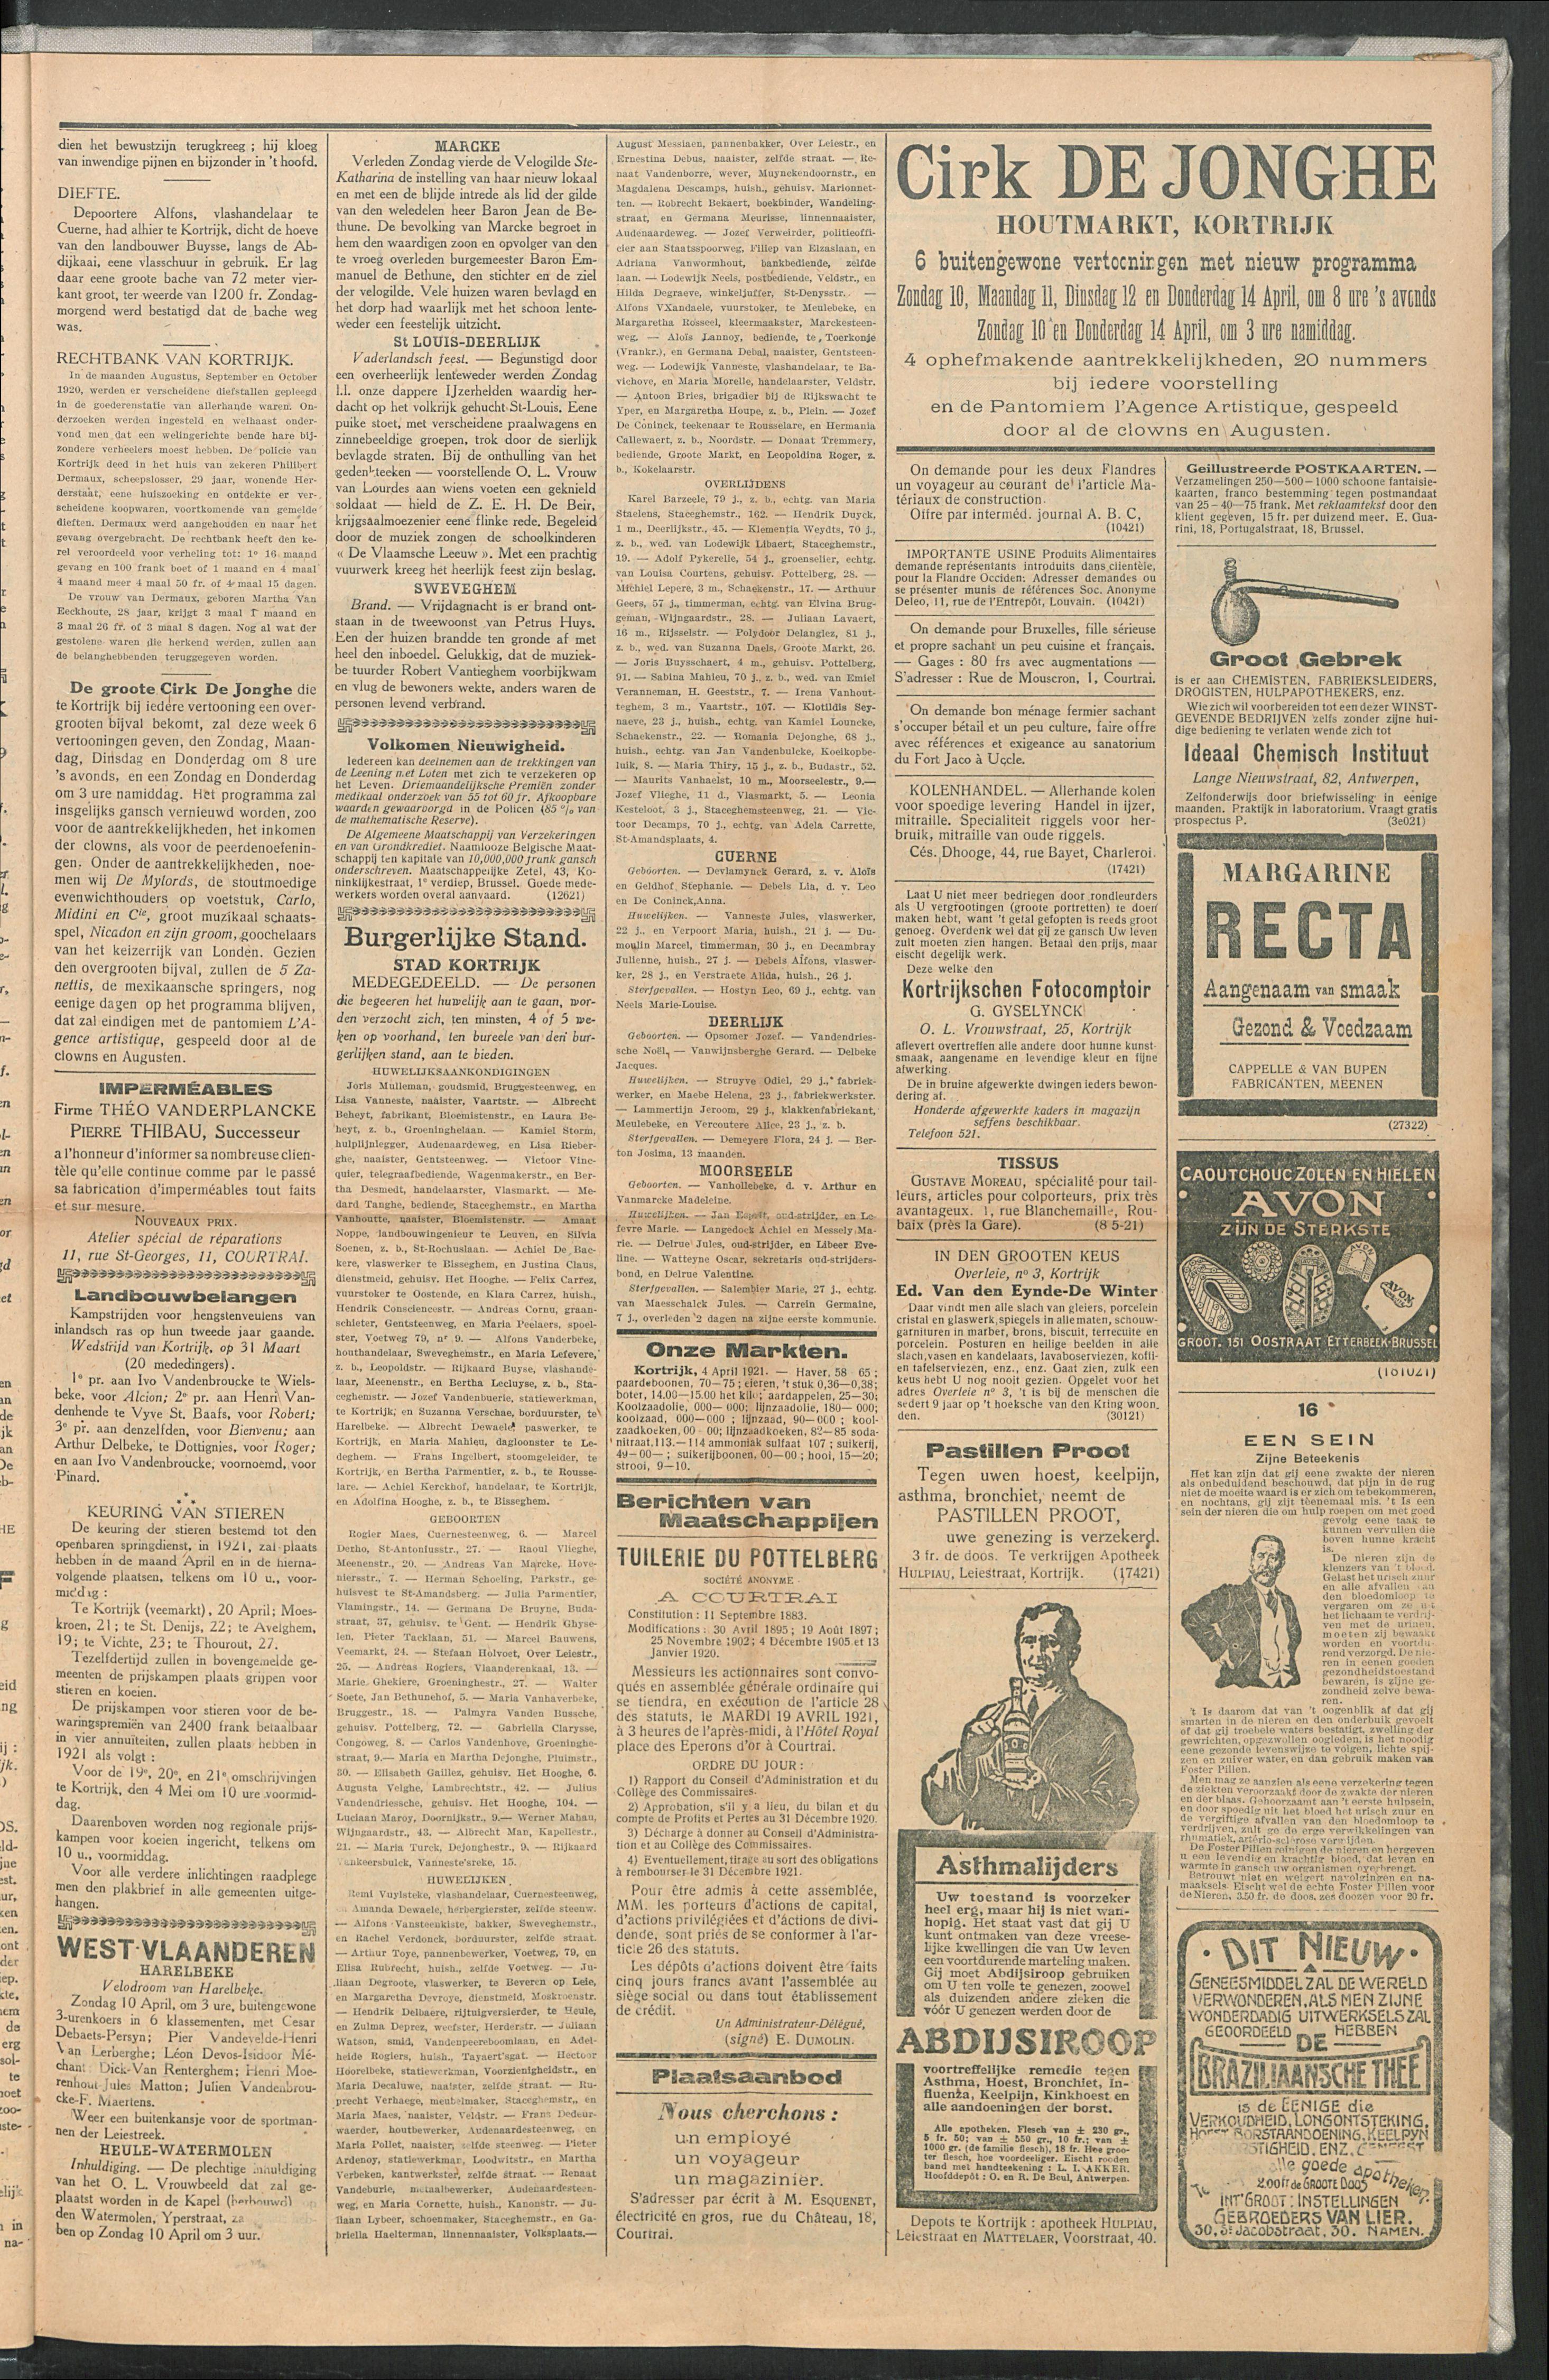 Het Kortrijksche Volk 1921-04-10 p3